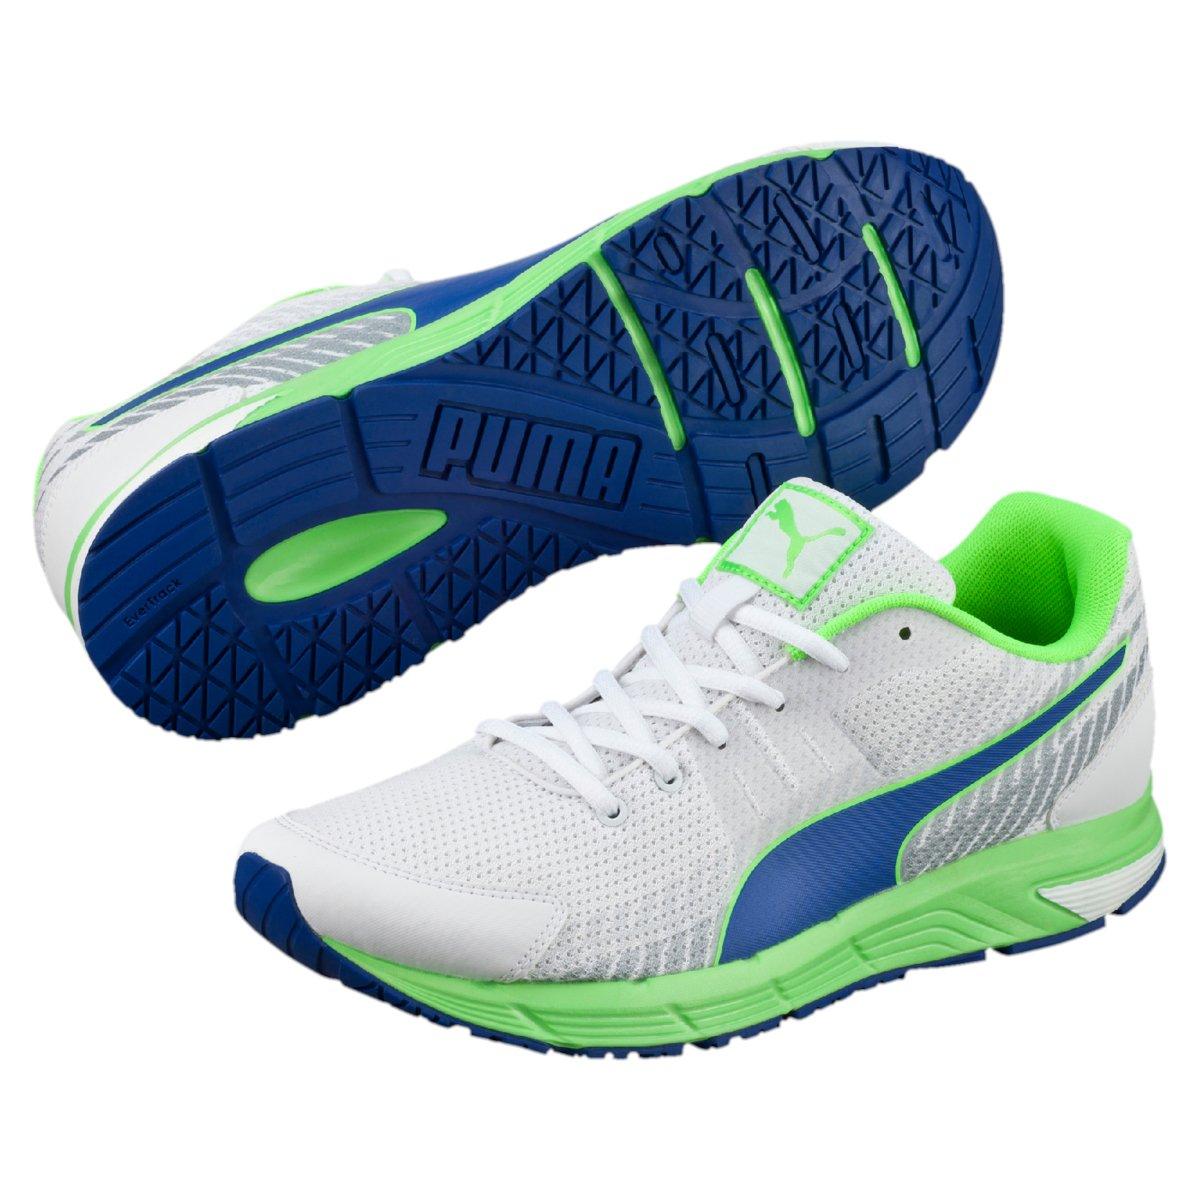 comprar tenis marca puma para hombre baratas 85e03d78e7239